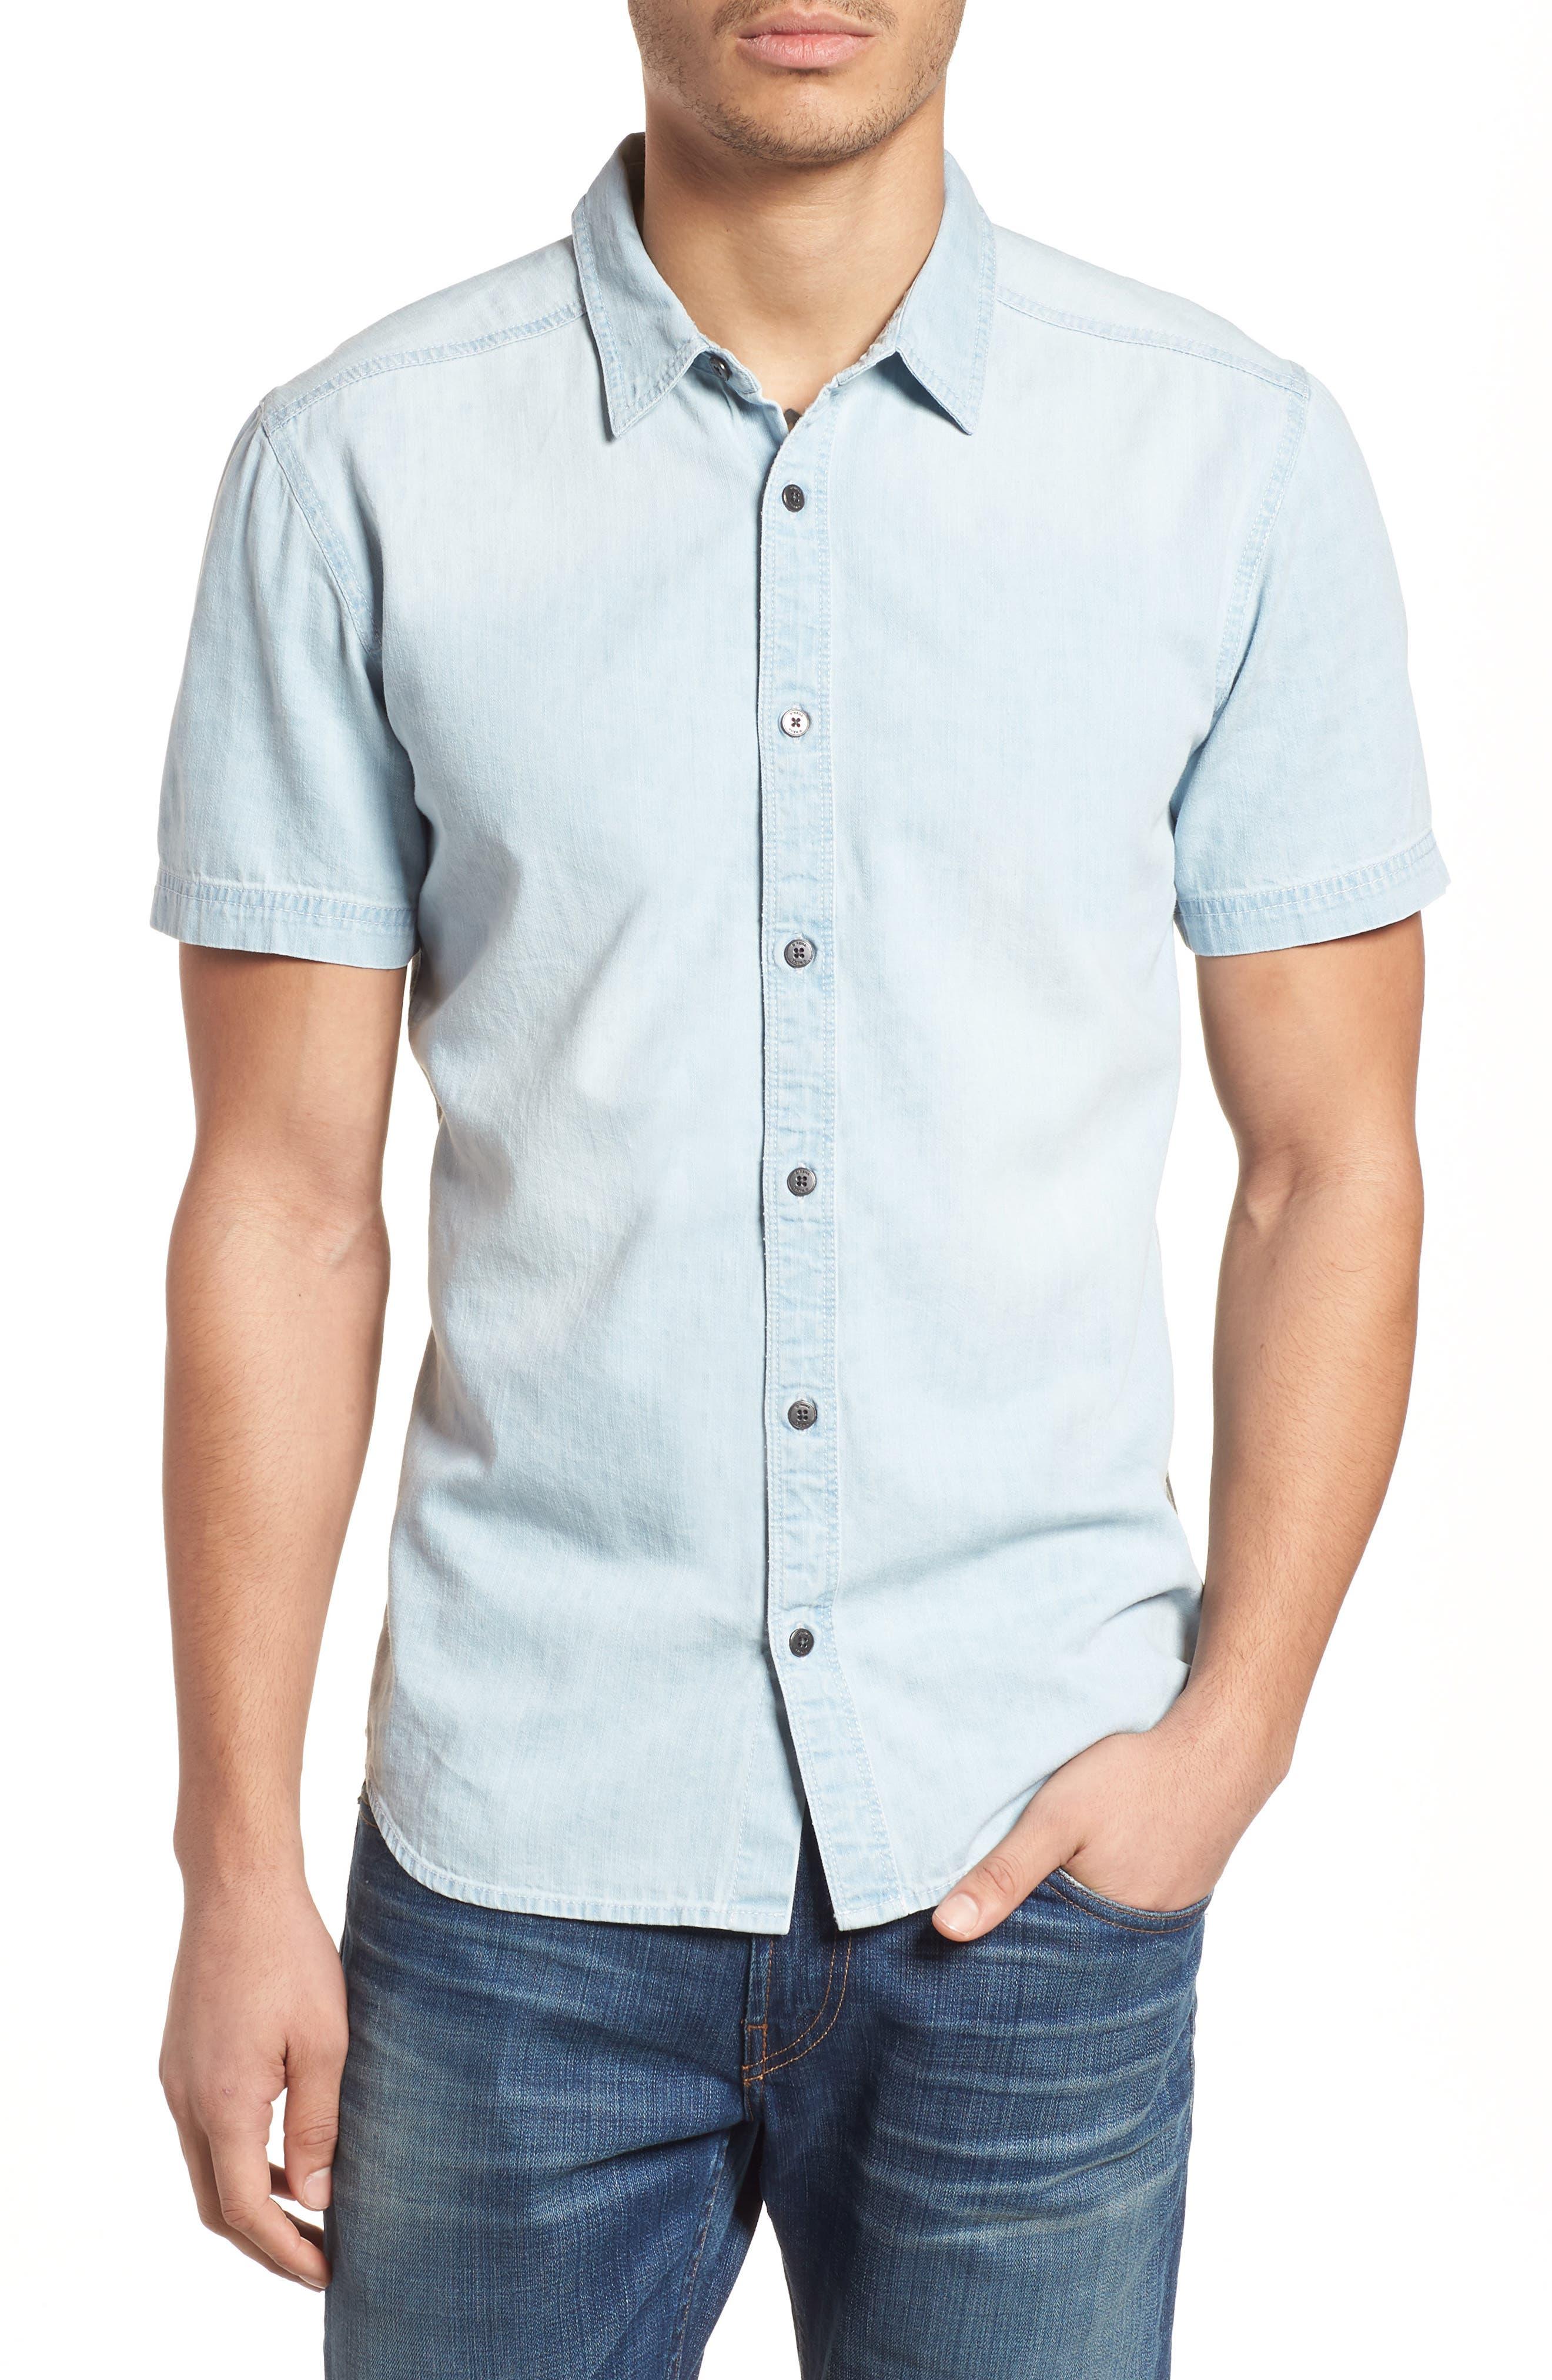 Sabotage Woven Shirt,                             Main thumbnail 1, color,                             020